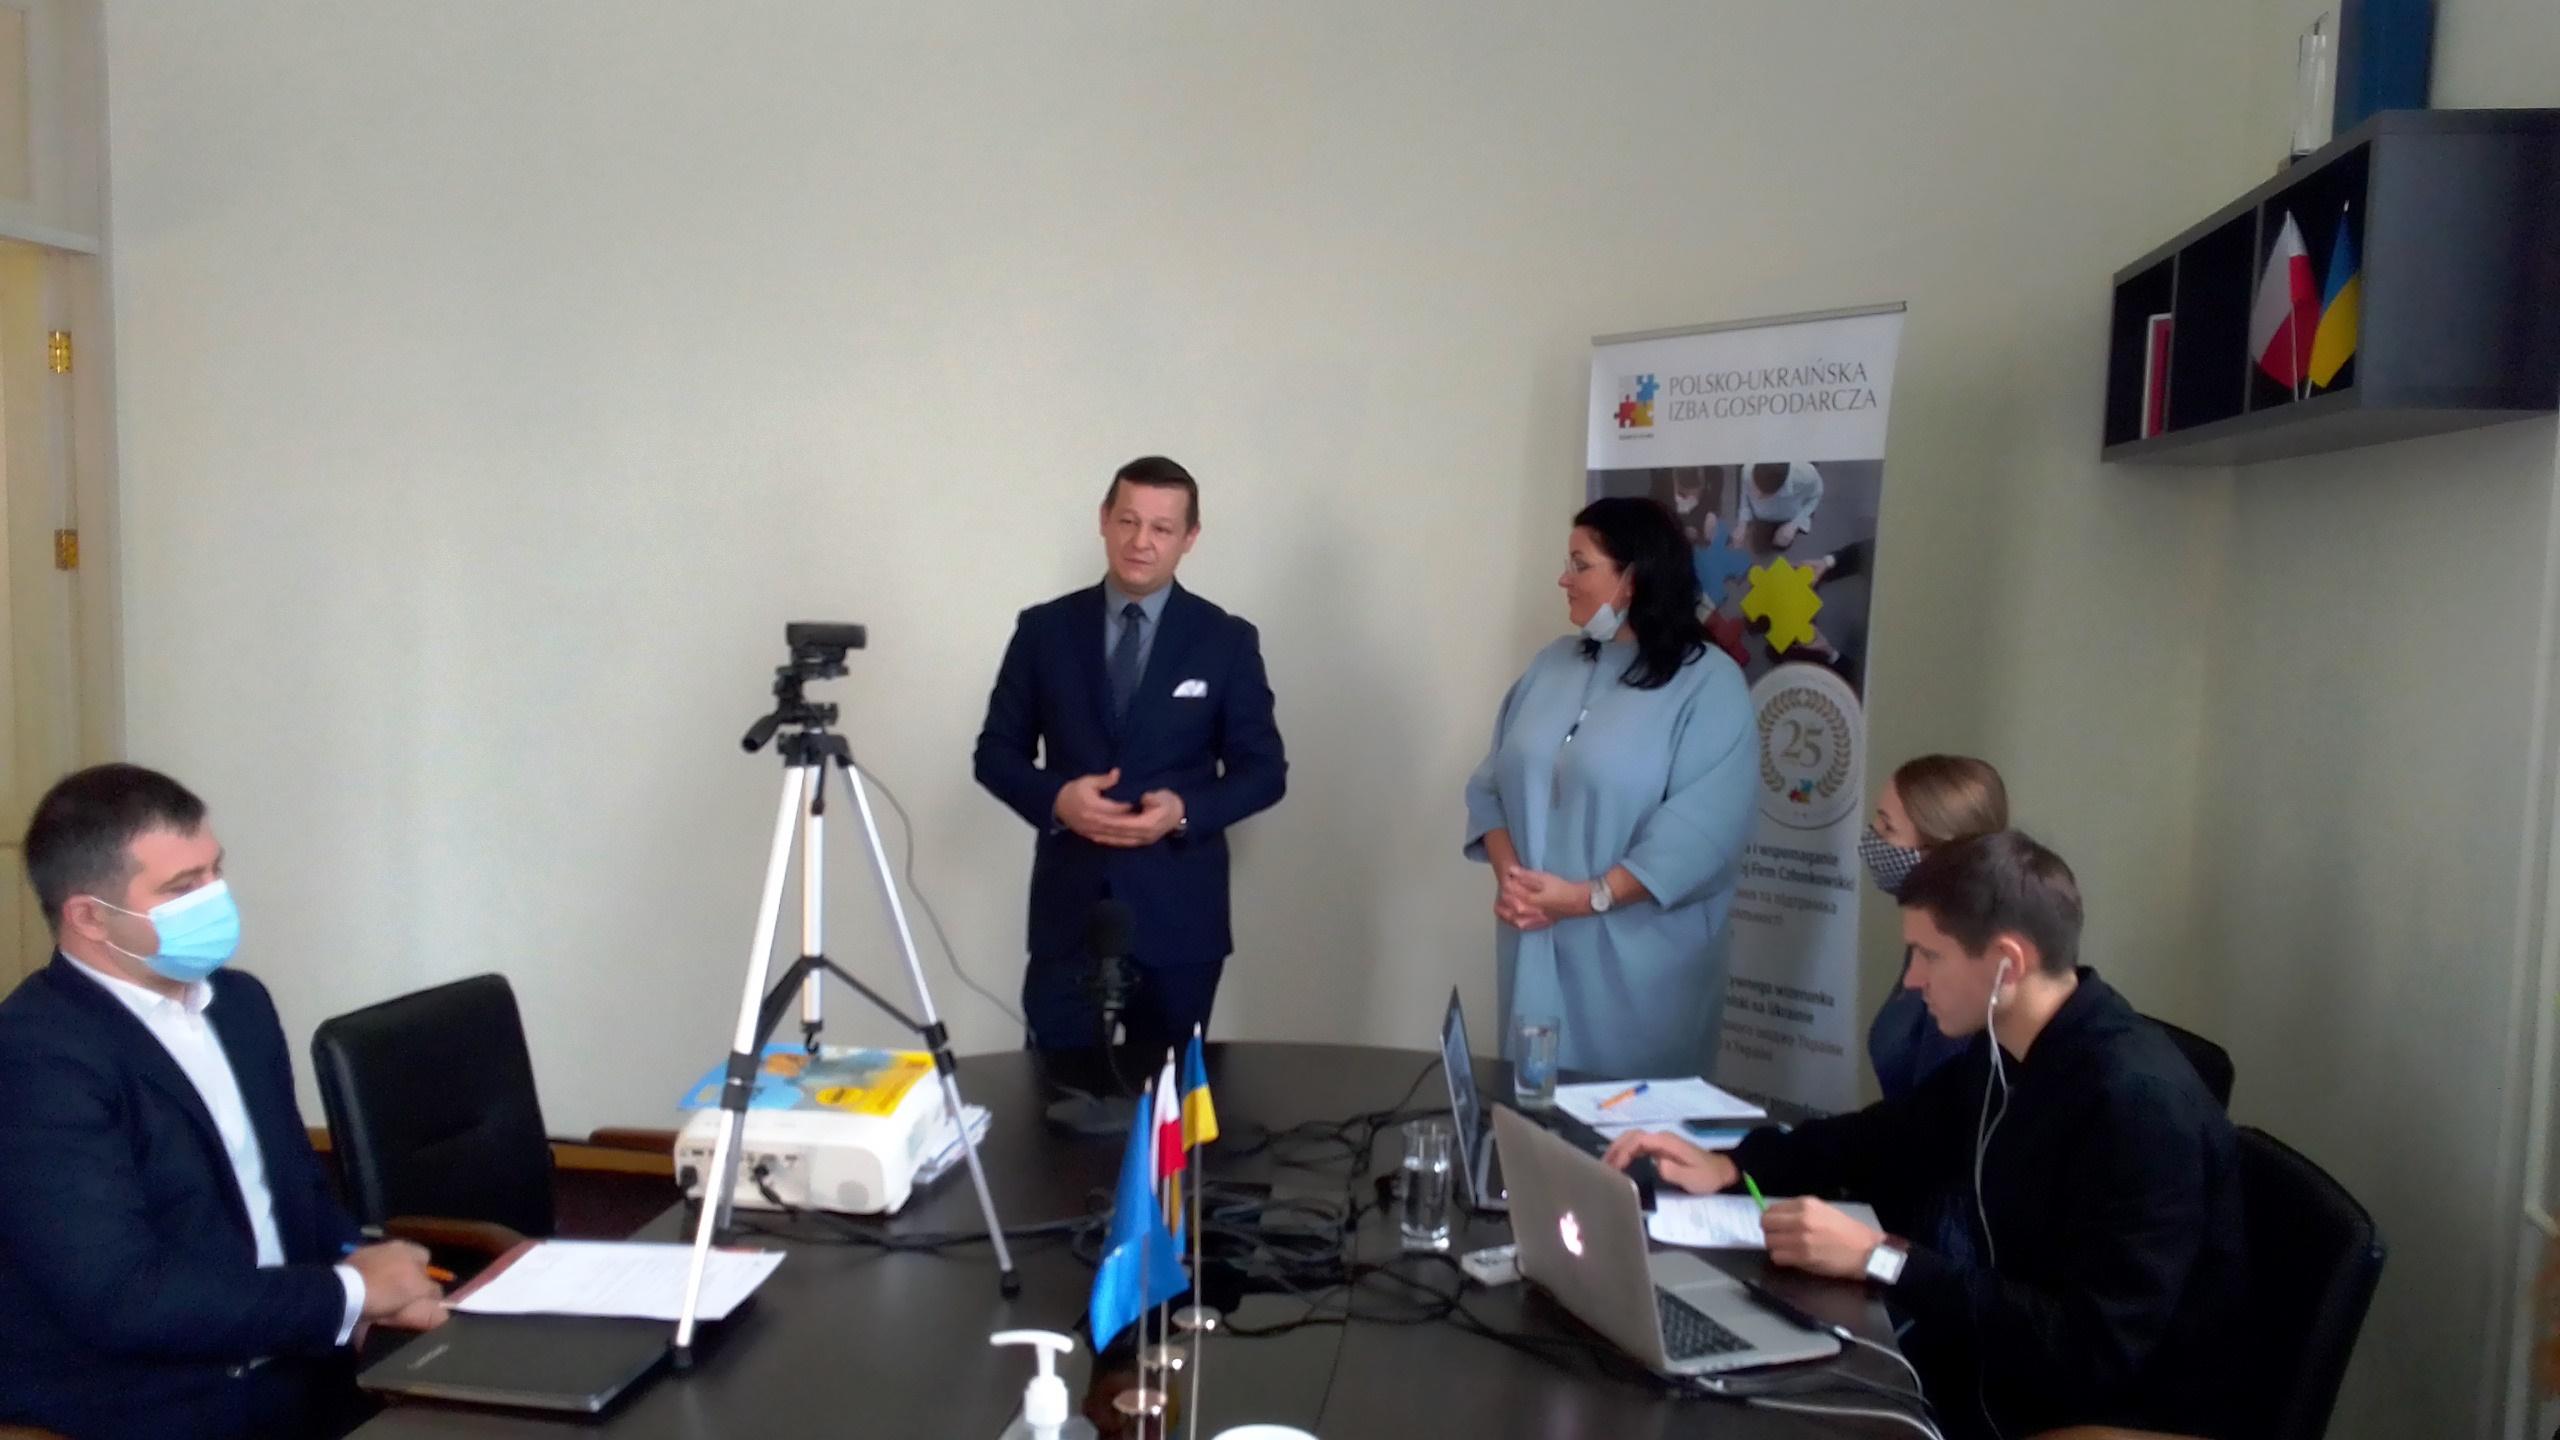 Польські інструменти підтримки будівництва в Україні, відповідний досвід Польщі та можливості його використання в Україні